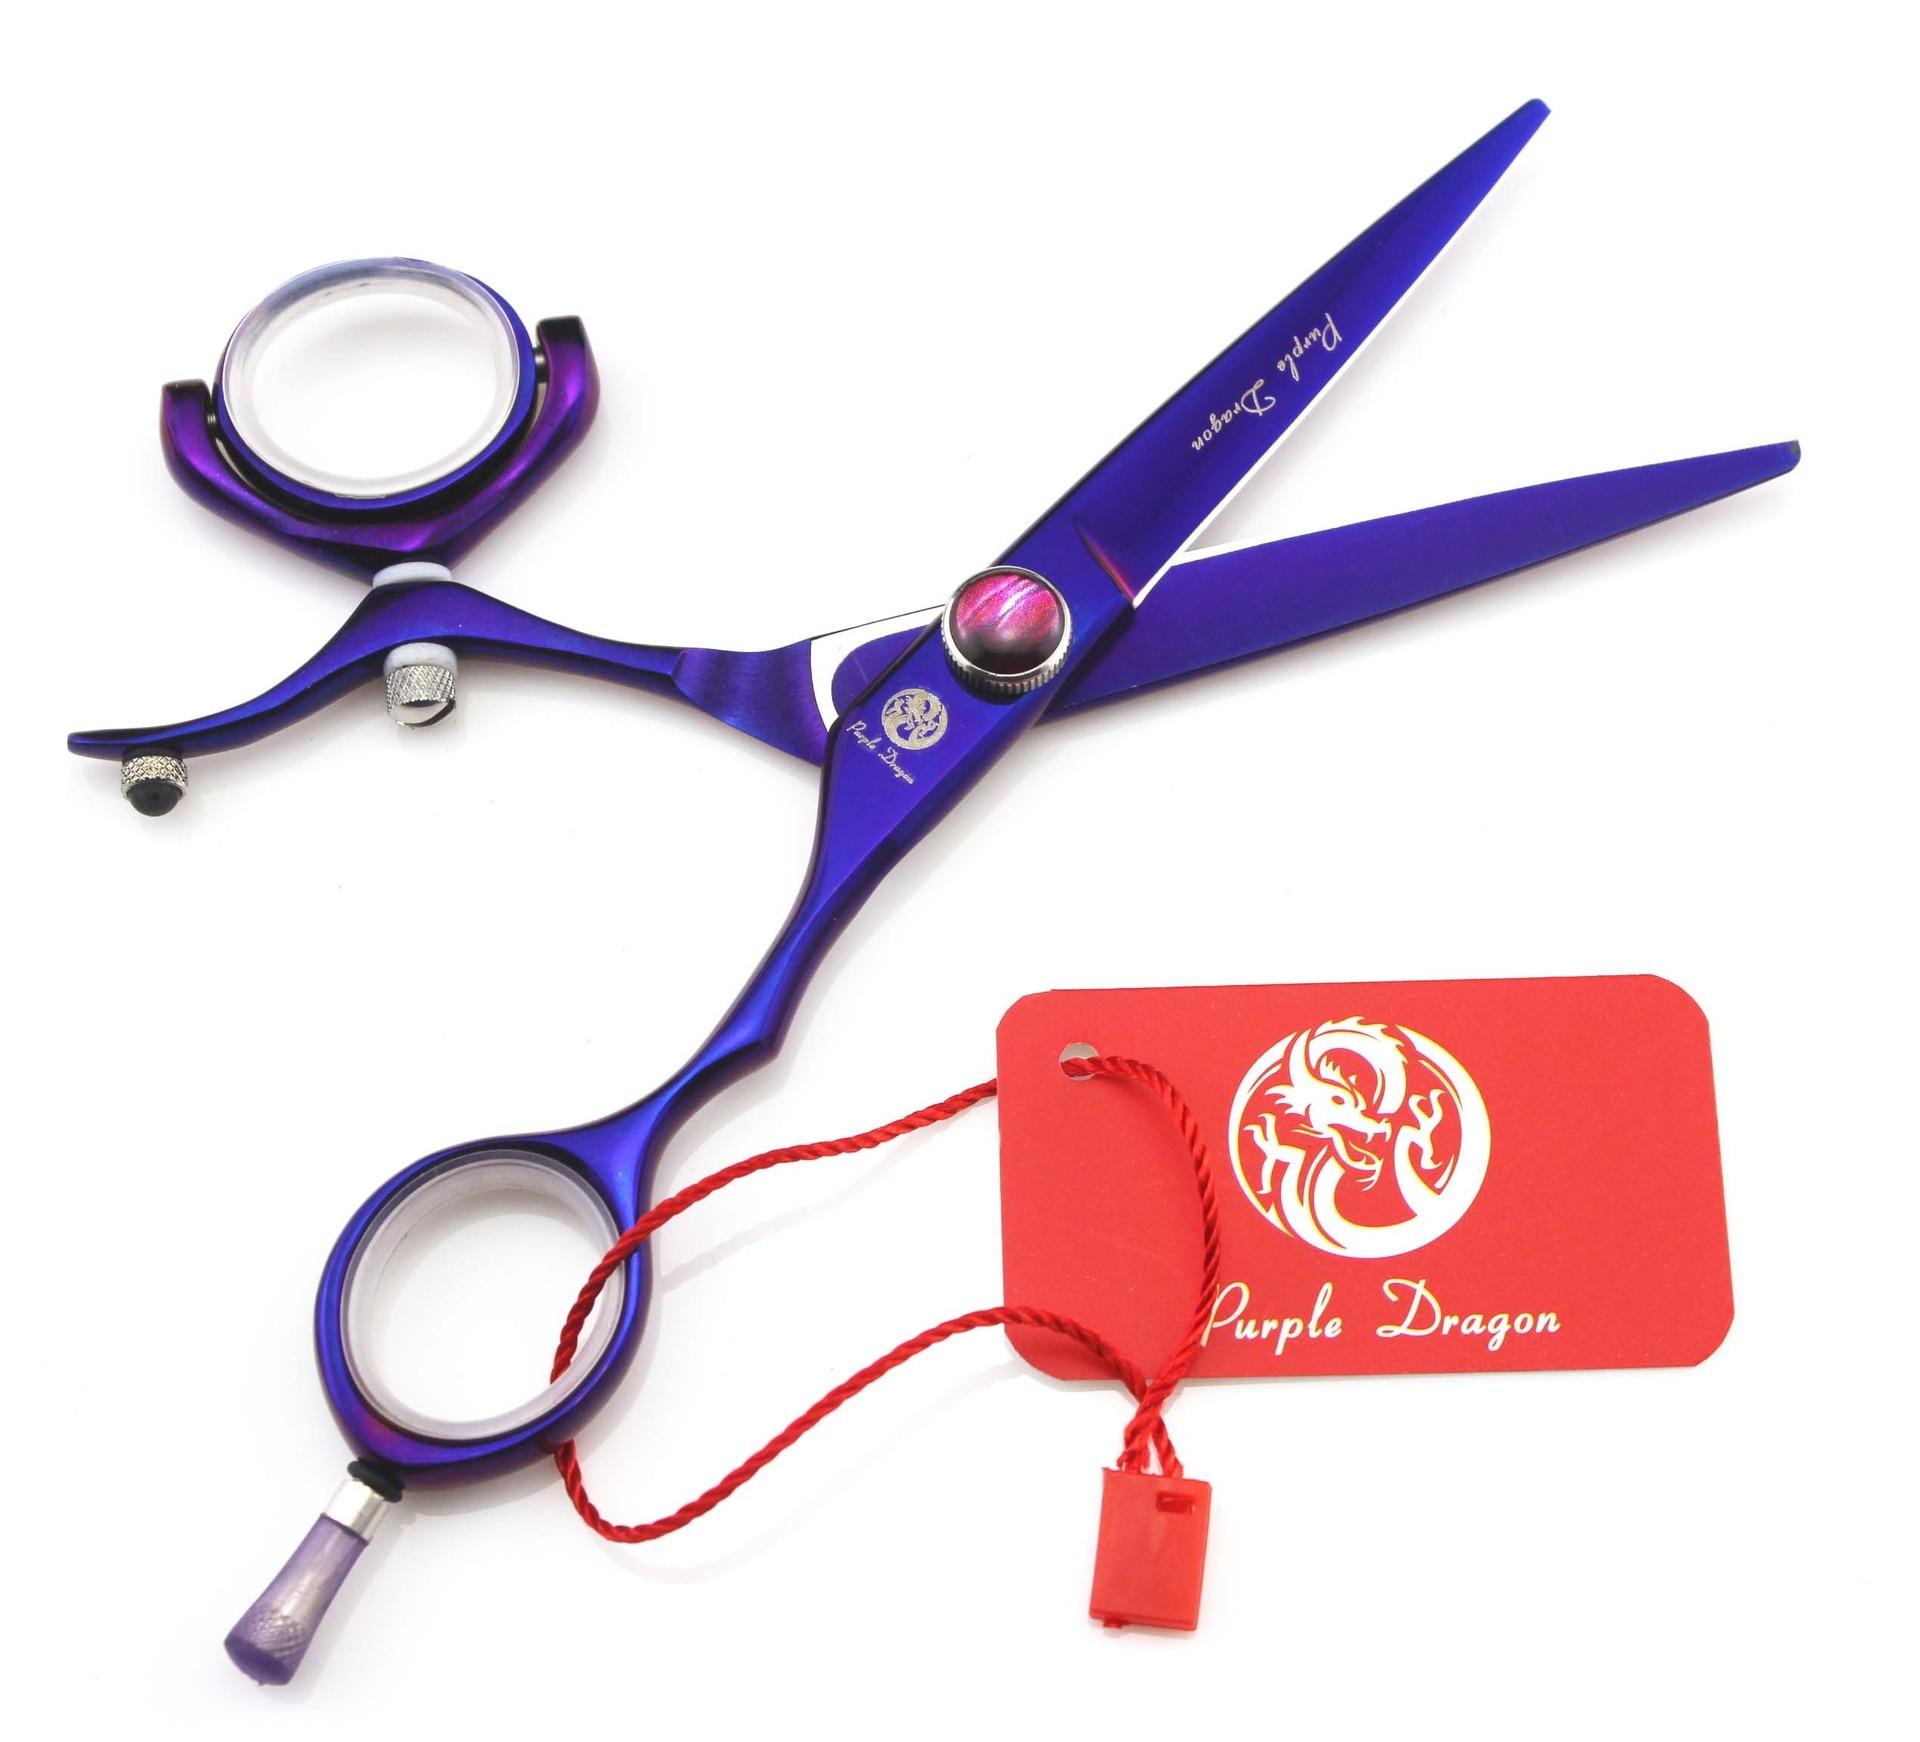 5.5 ciseaux de coiffure professionnels ciseaux de coupe Salon de coiffure5.5 ciseaux de coiffure professionnels ciseaux de coupe Salon de coiffure